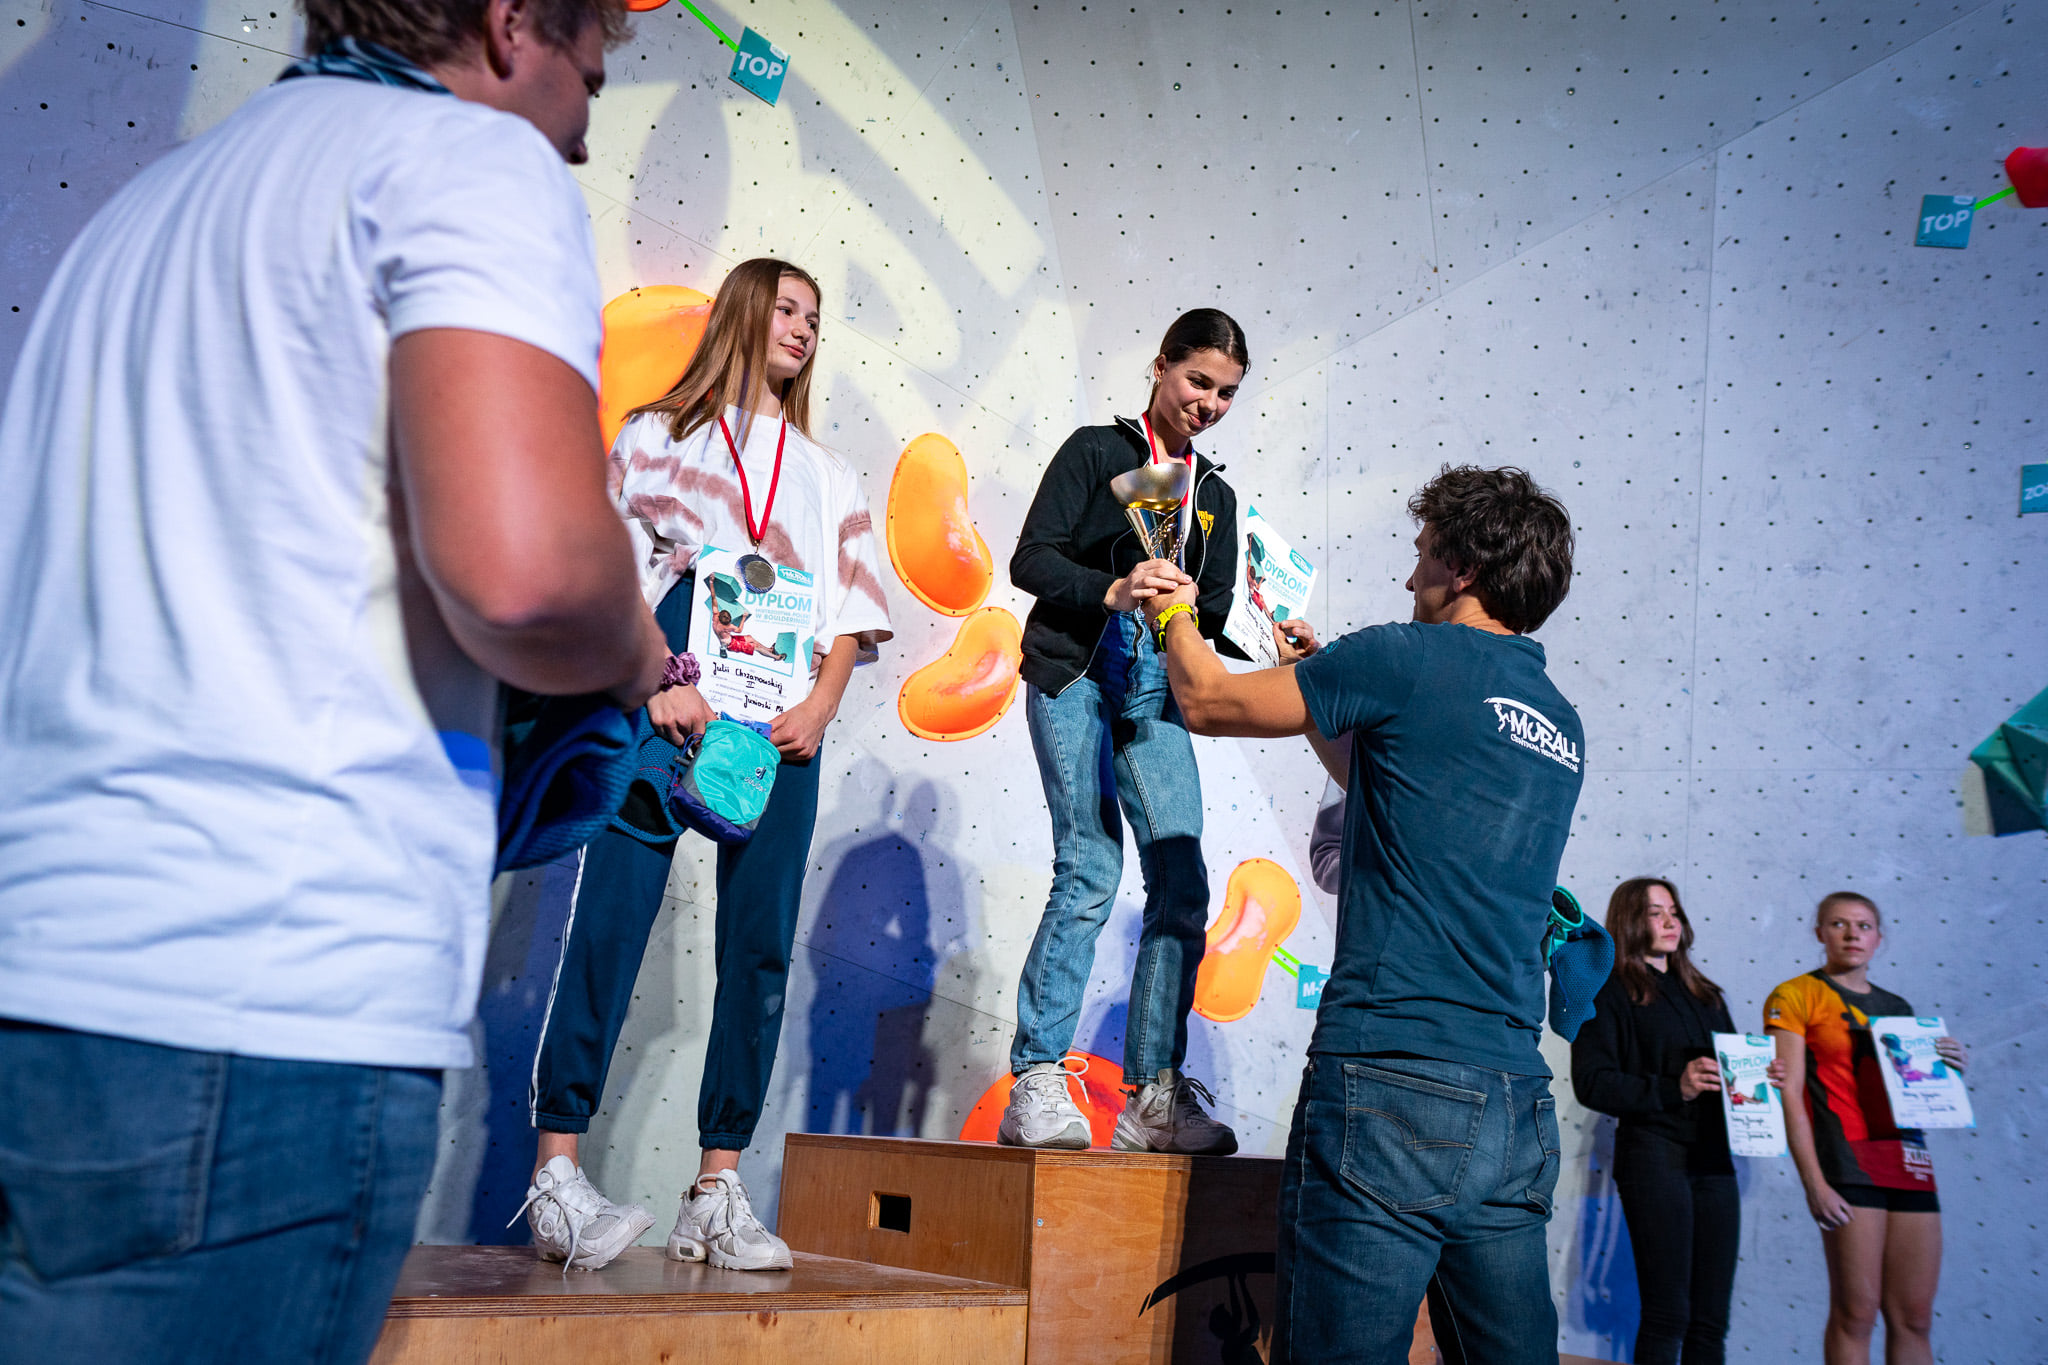 Danuta Słanek Mistrzem Polski 2020 w Boulderingu